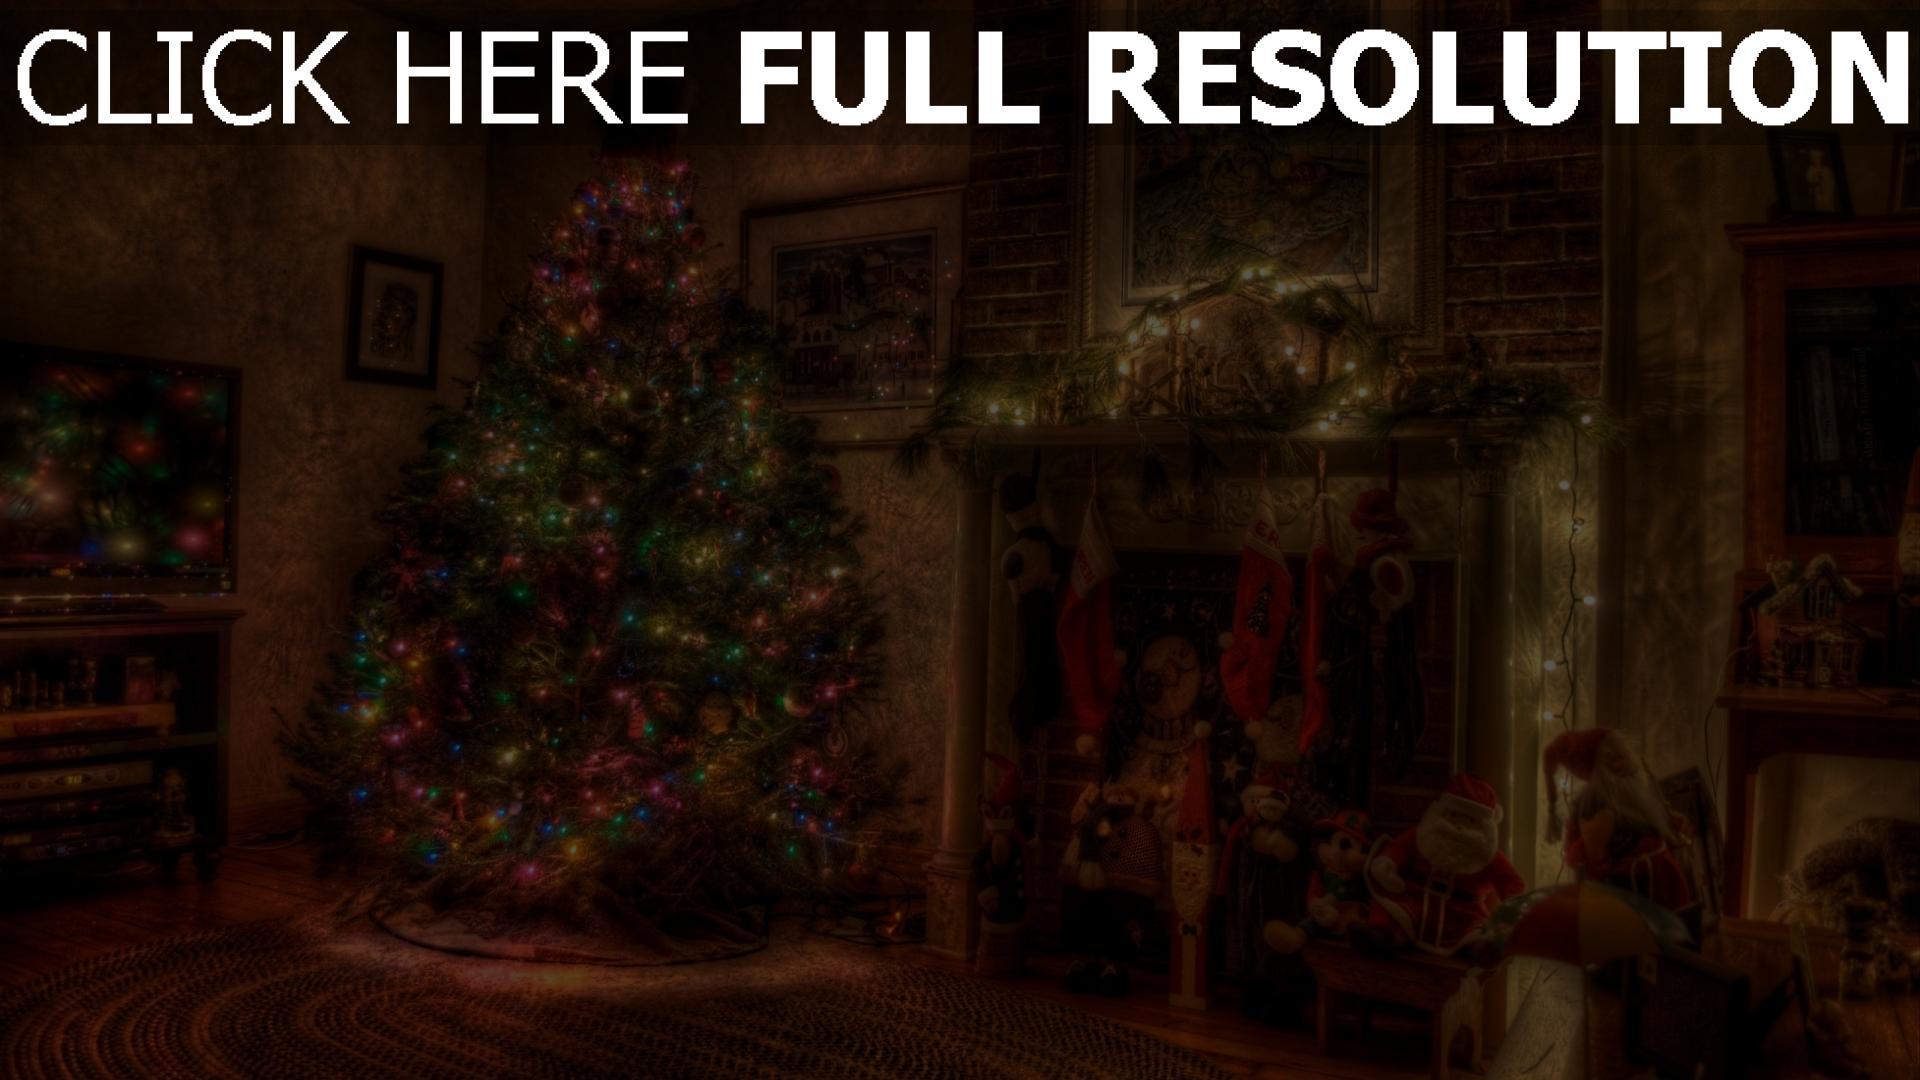 Hd Hintergrundbilder Tanne Dekorationen Girlanden Kamin Urlaub Weihnachten Desktop Hintergrund